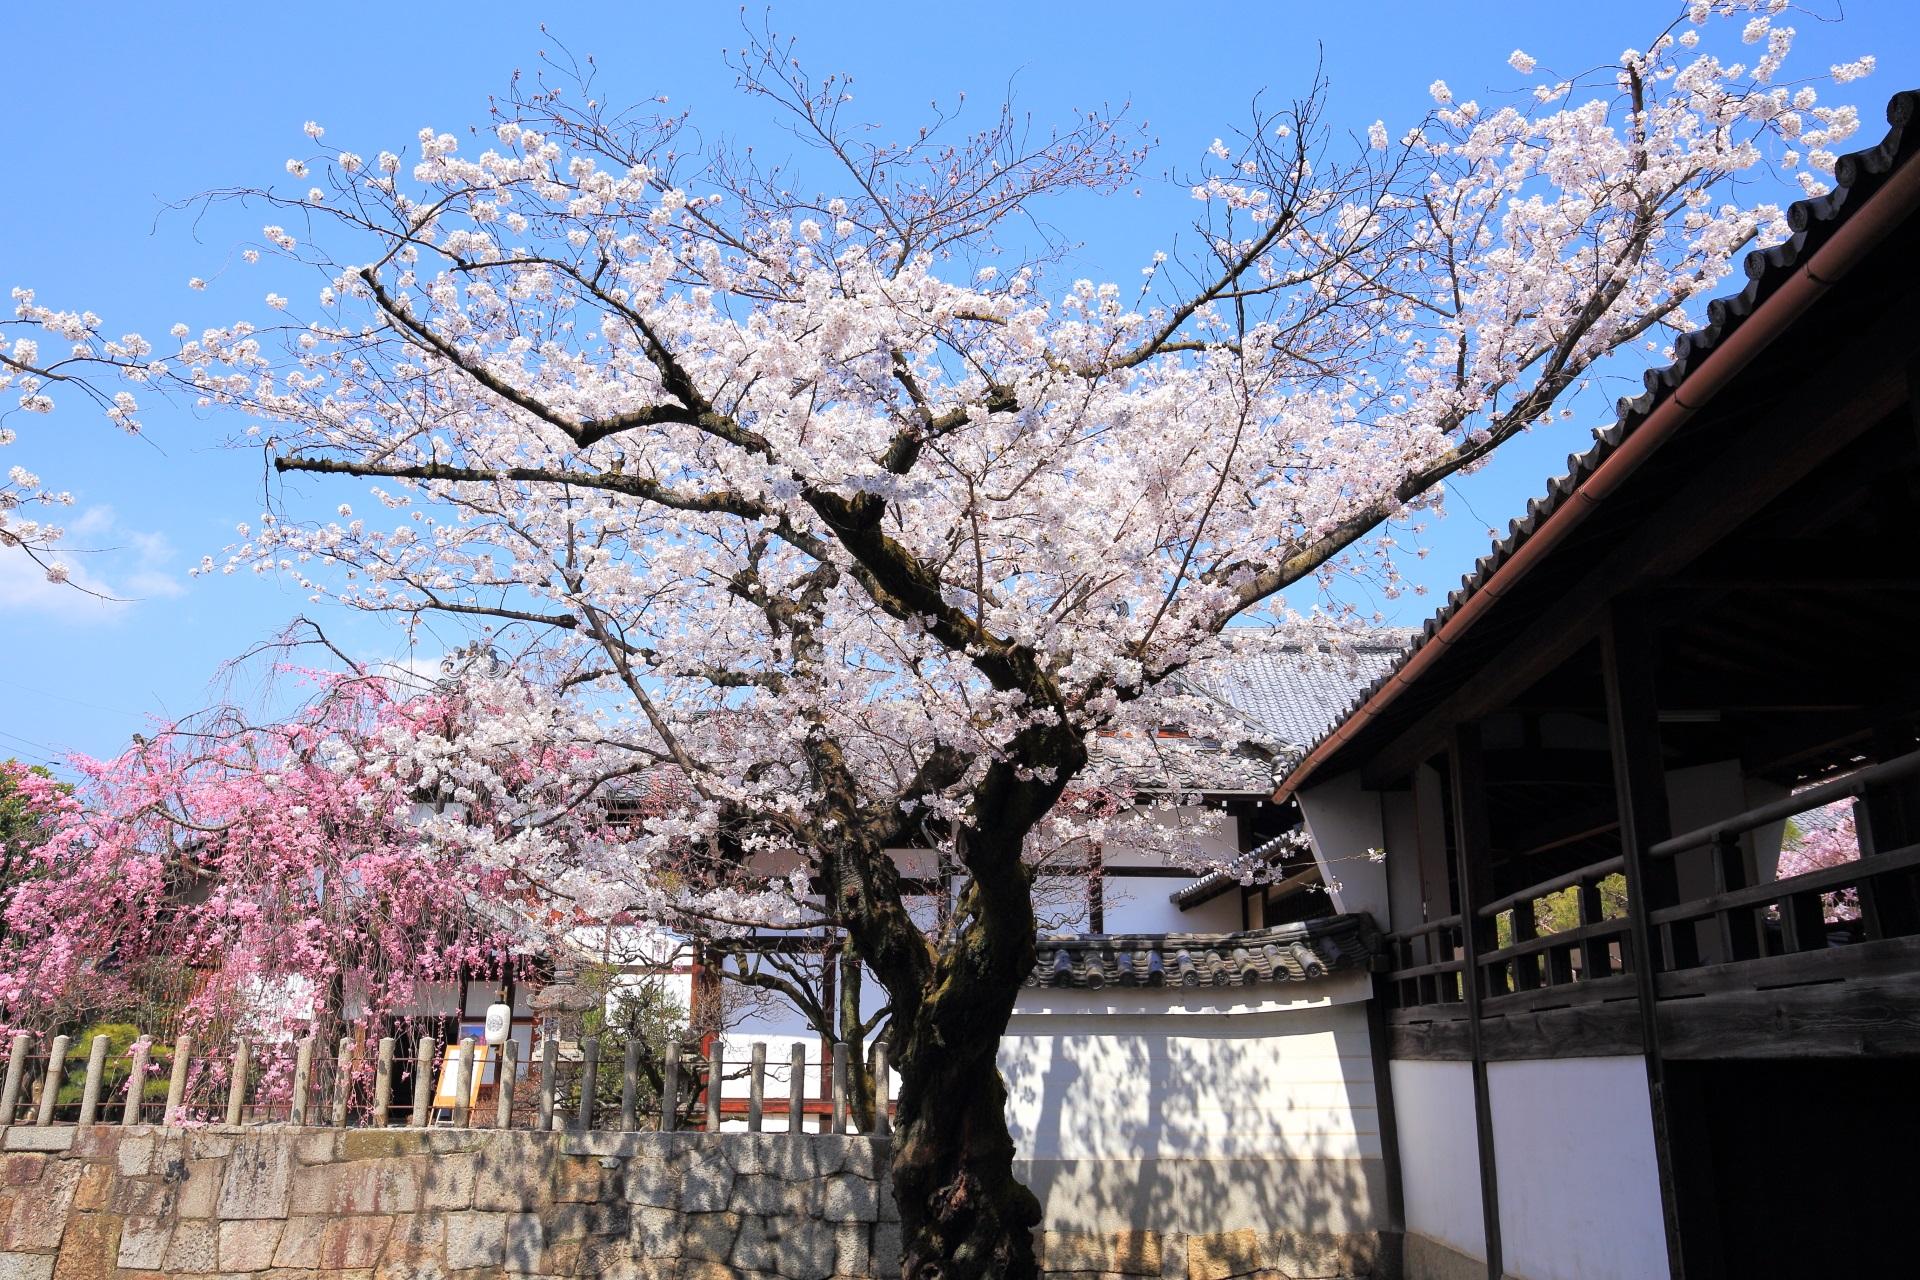 妙顕寺の太陽を浴びて華やぐ桜